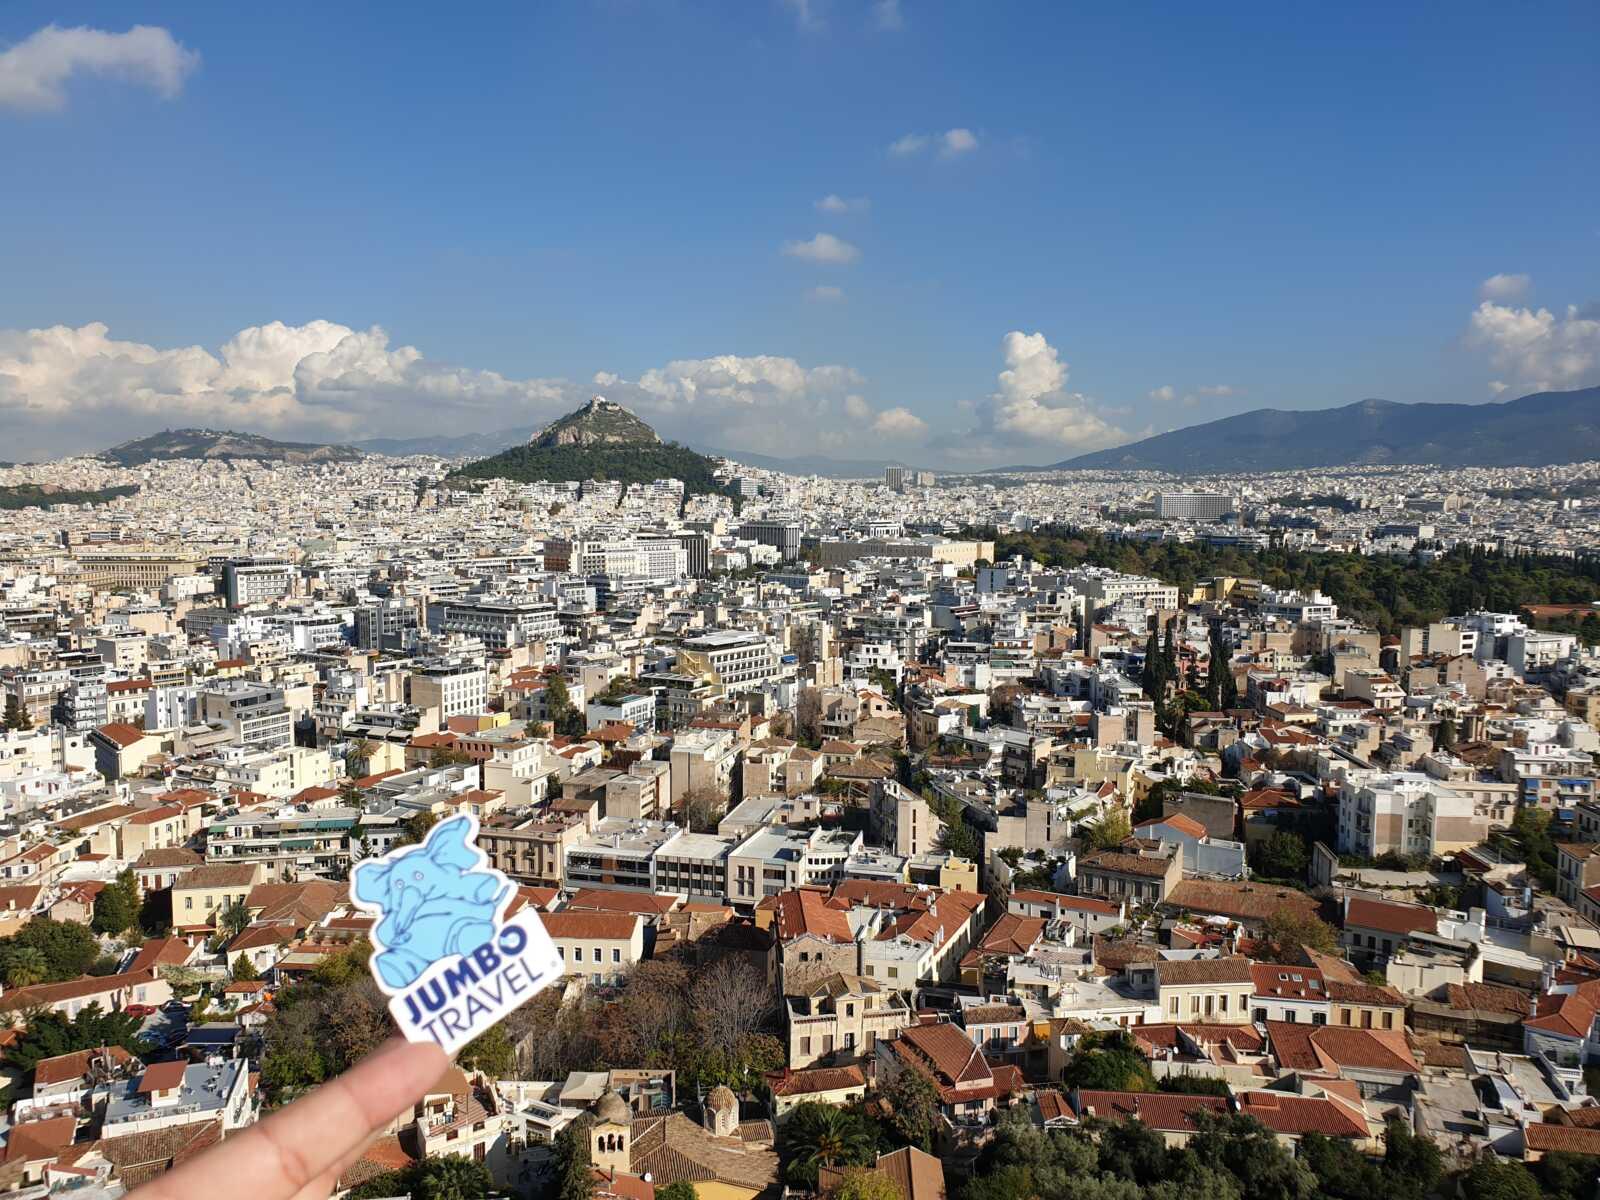 Atina, Grčka - Athens, Greece